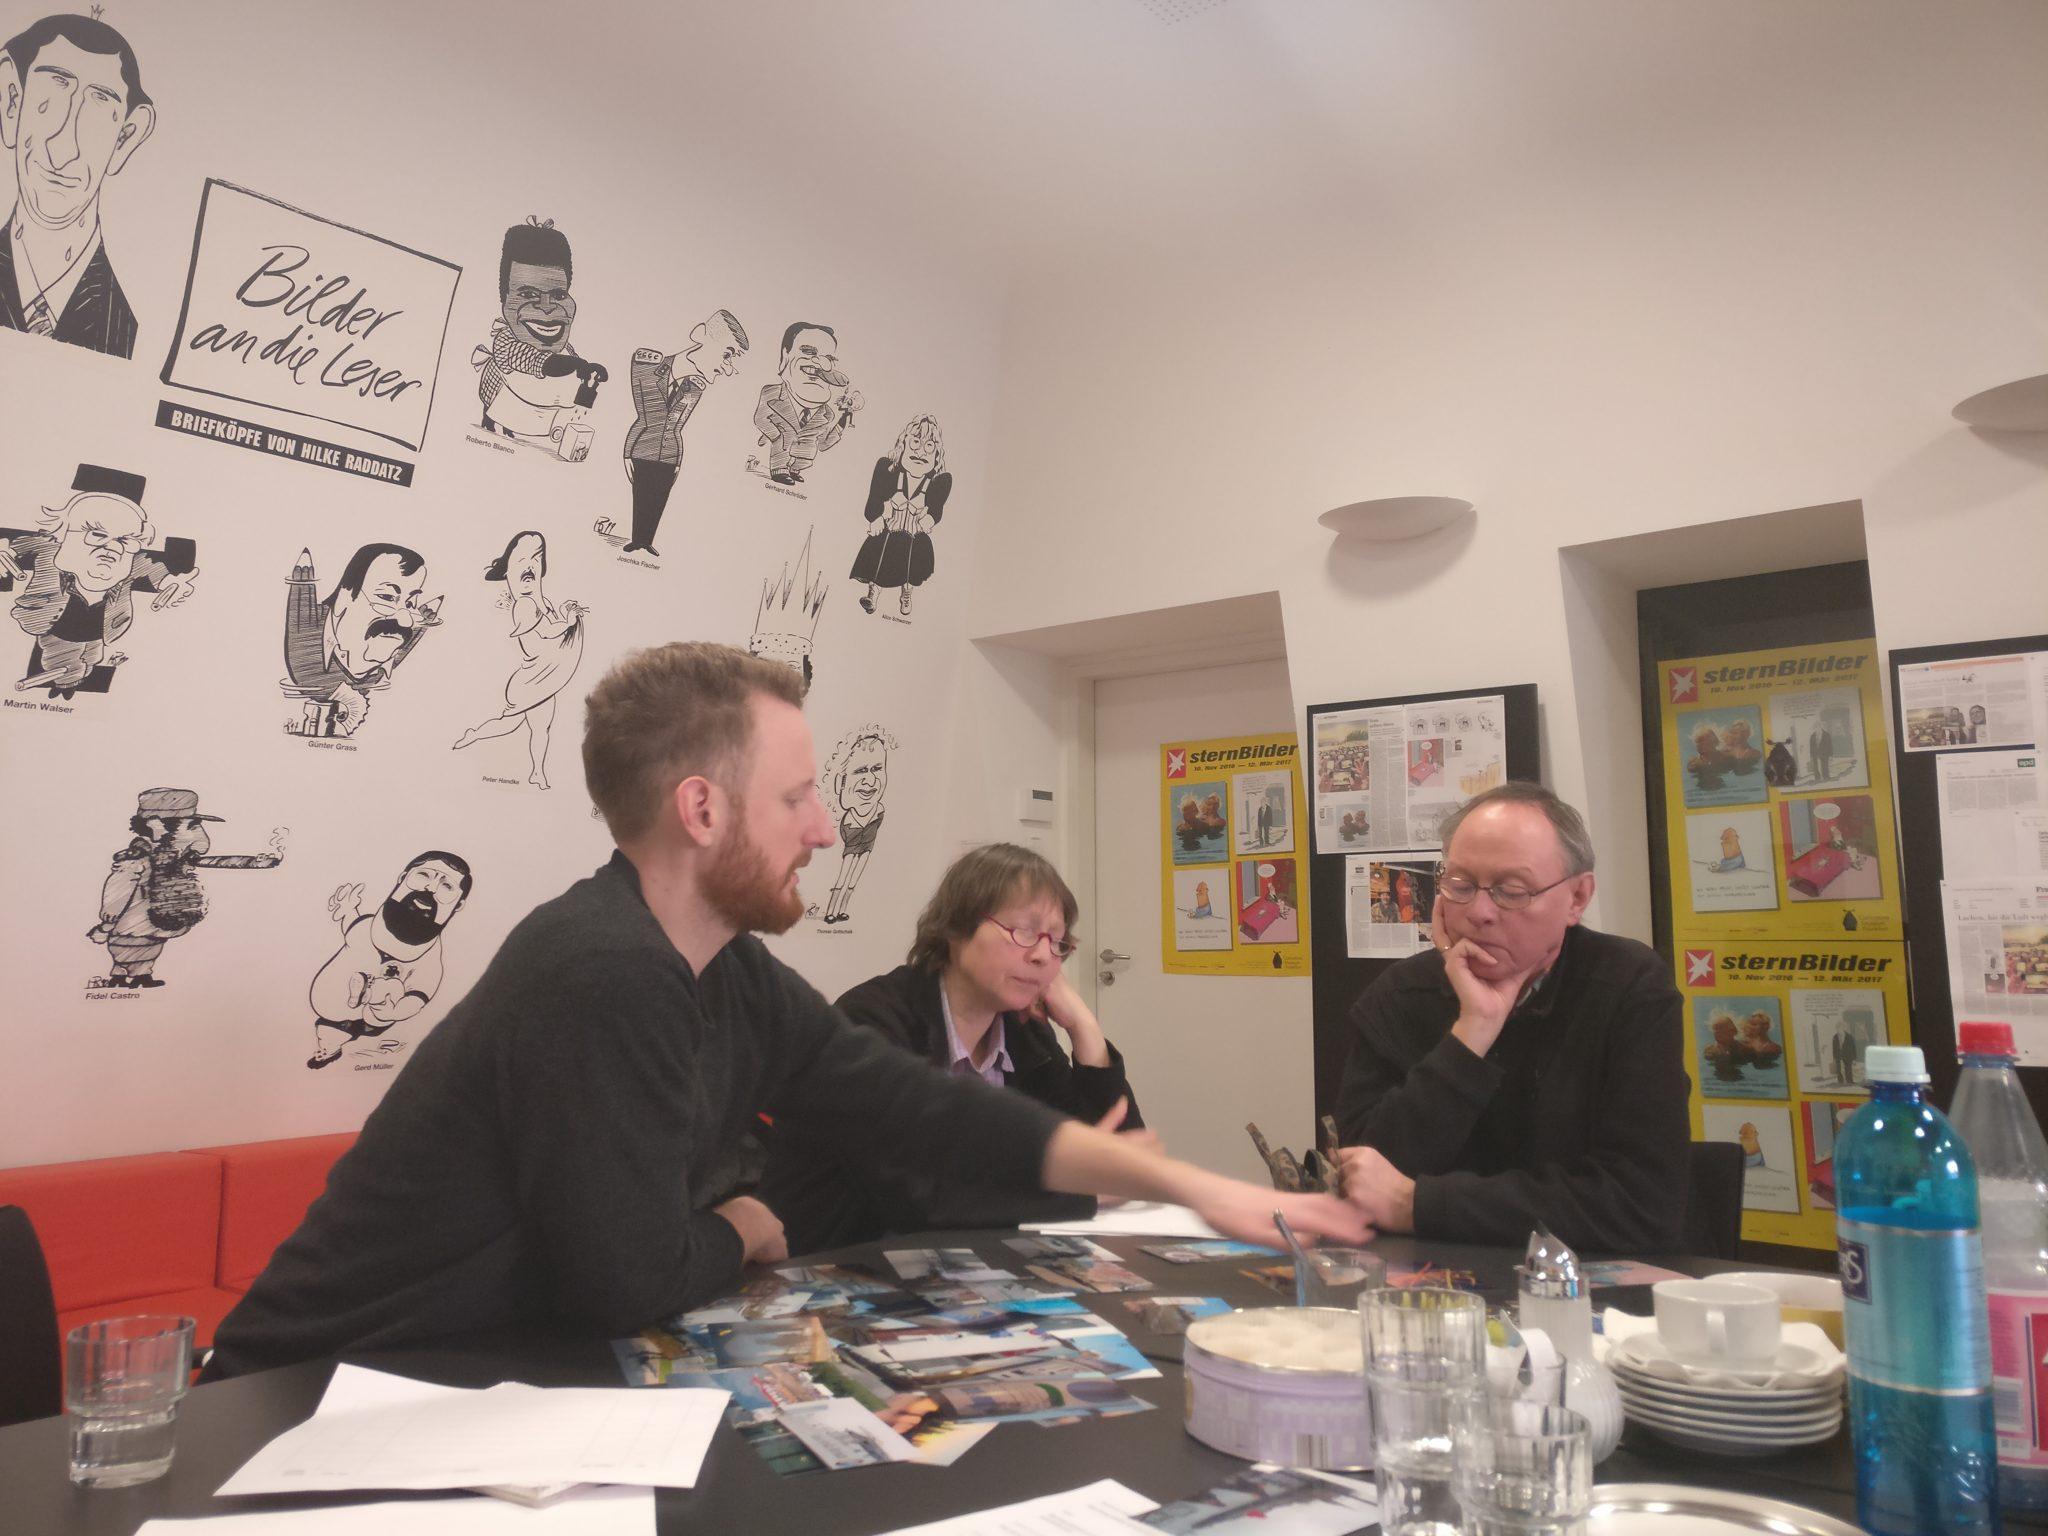 Script consulting with Julian Vogel and the Stadtlaboranten/innen